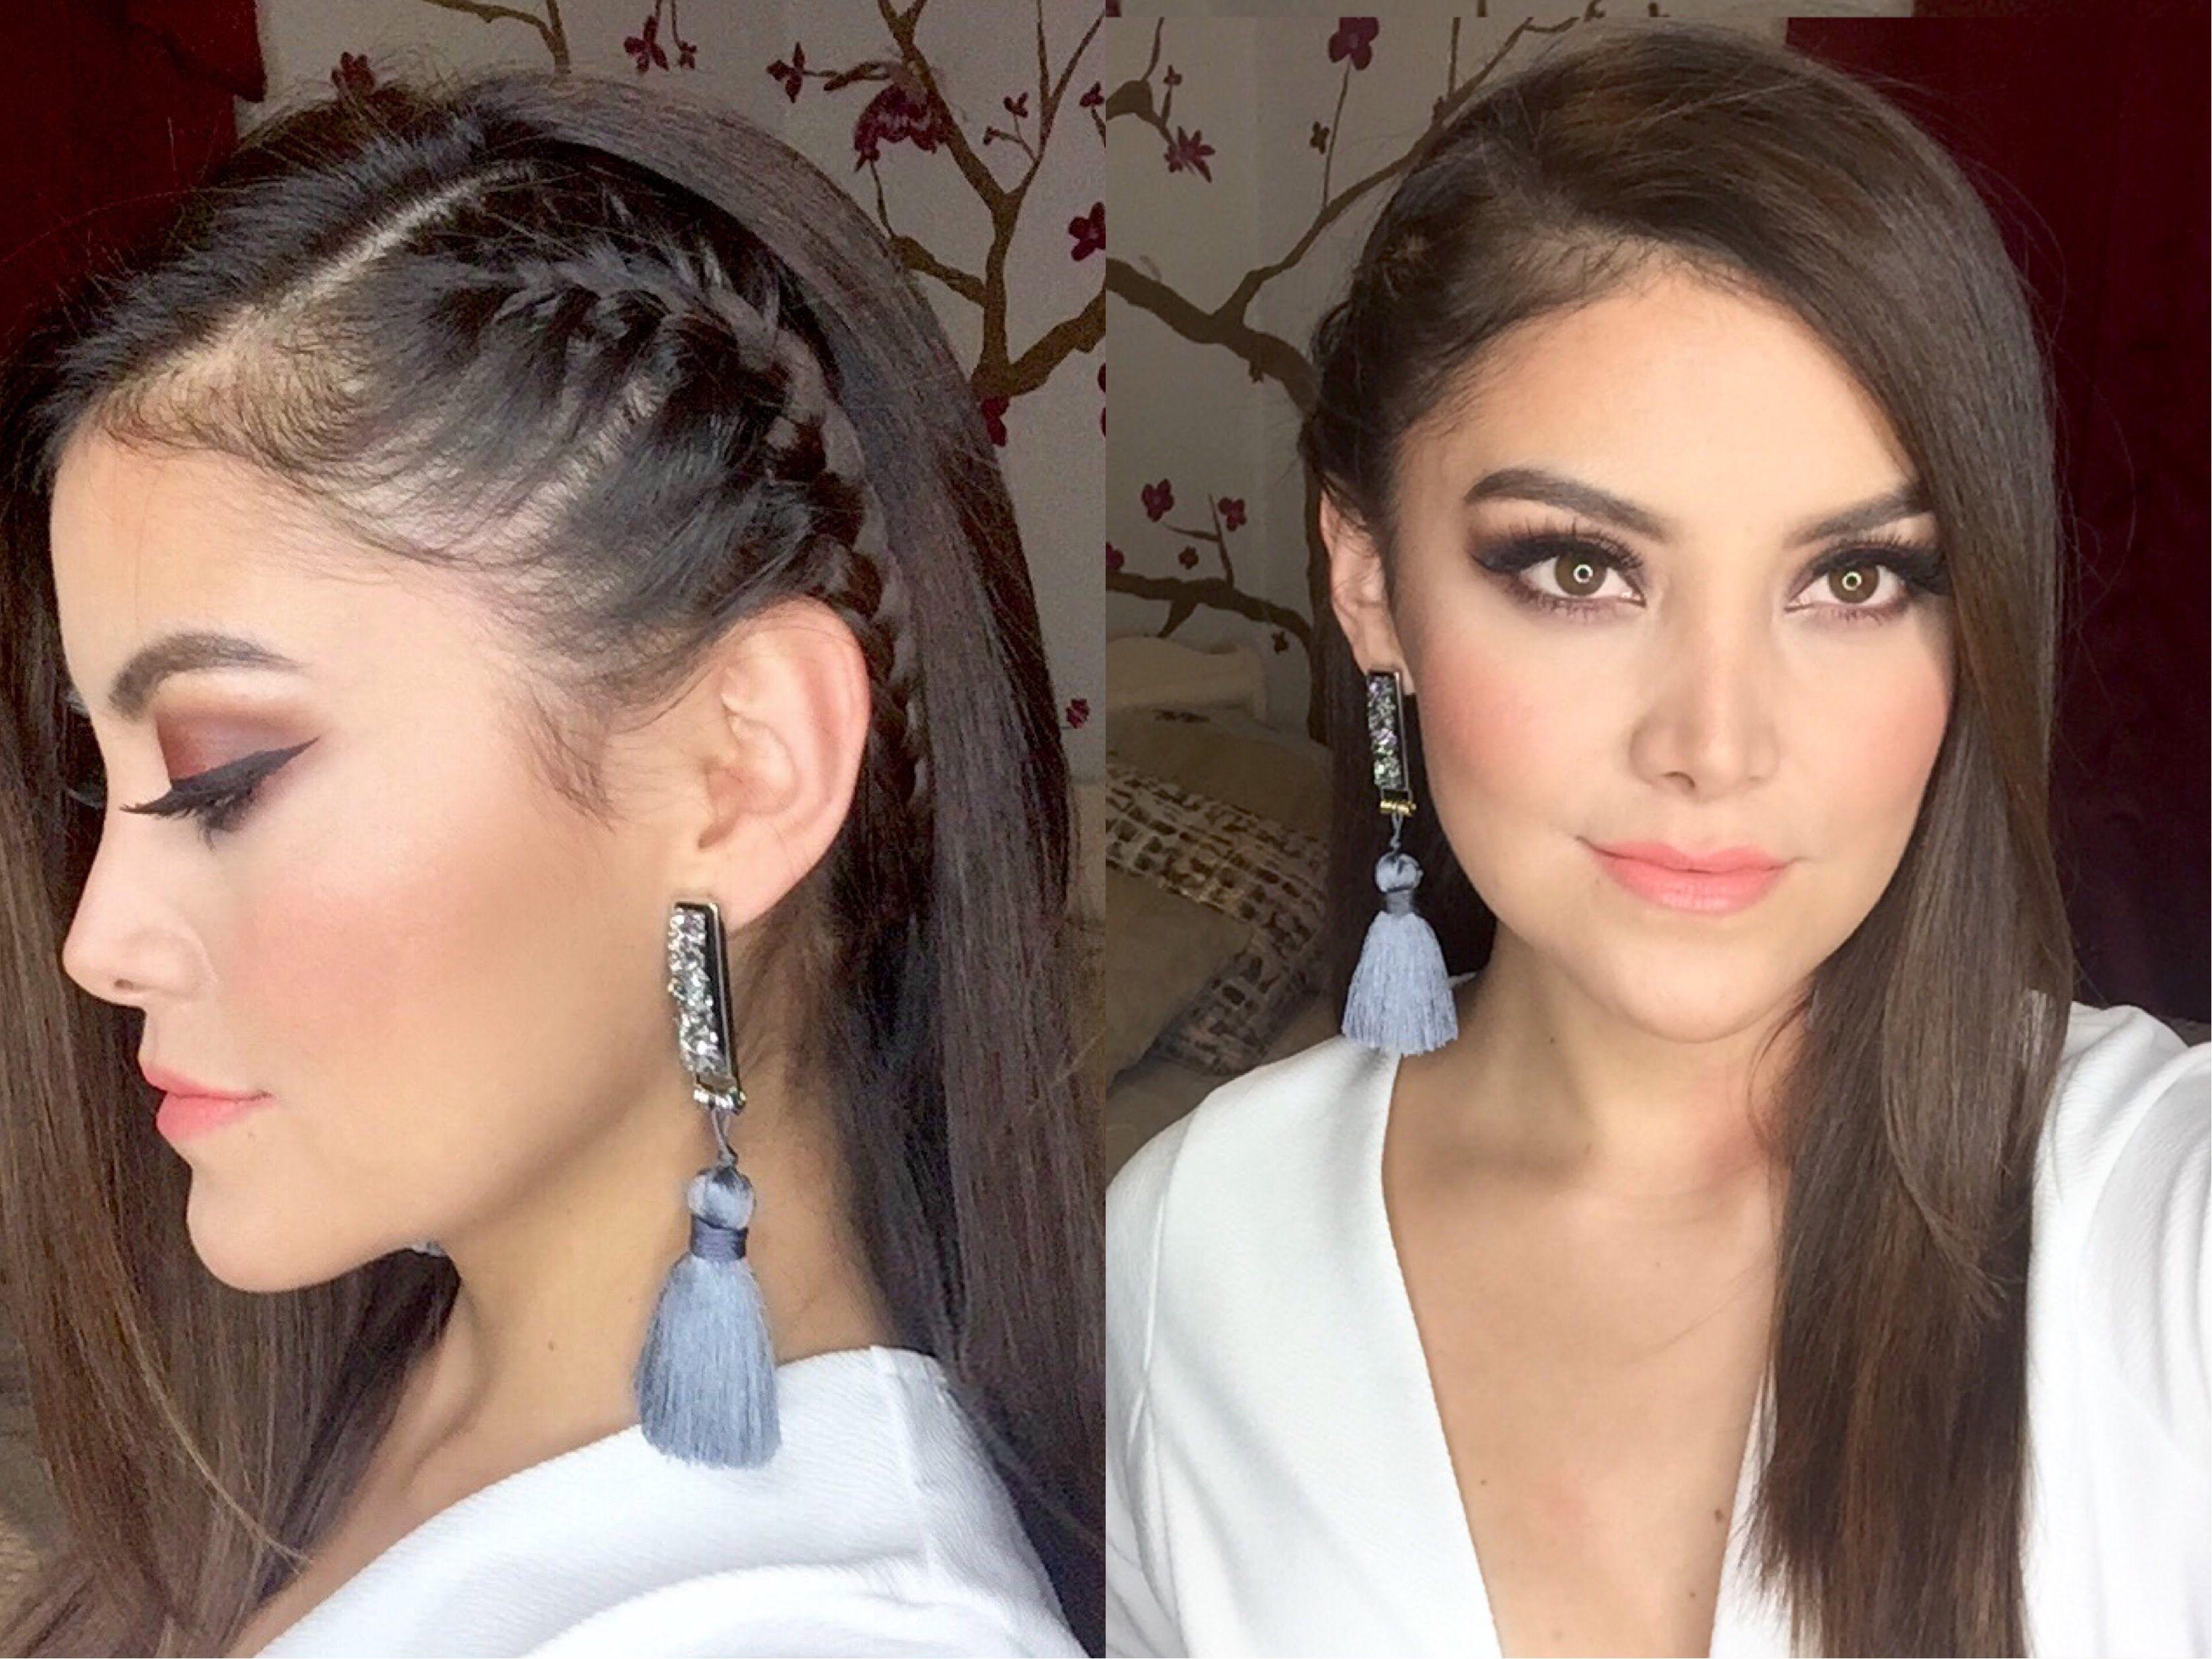 Peinado Trenza A Un Lado Facil Juvenil Elegante Y Divertido Peinados Trenzas De Lado Trenzas Pelo Suelto Peinados Con Trenzas